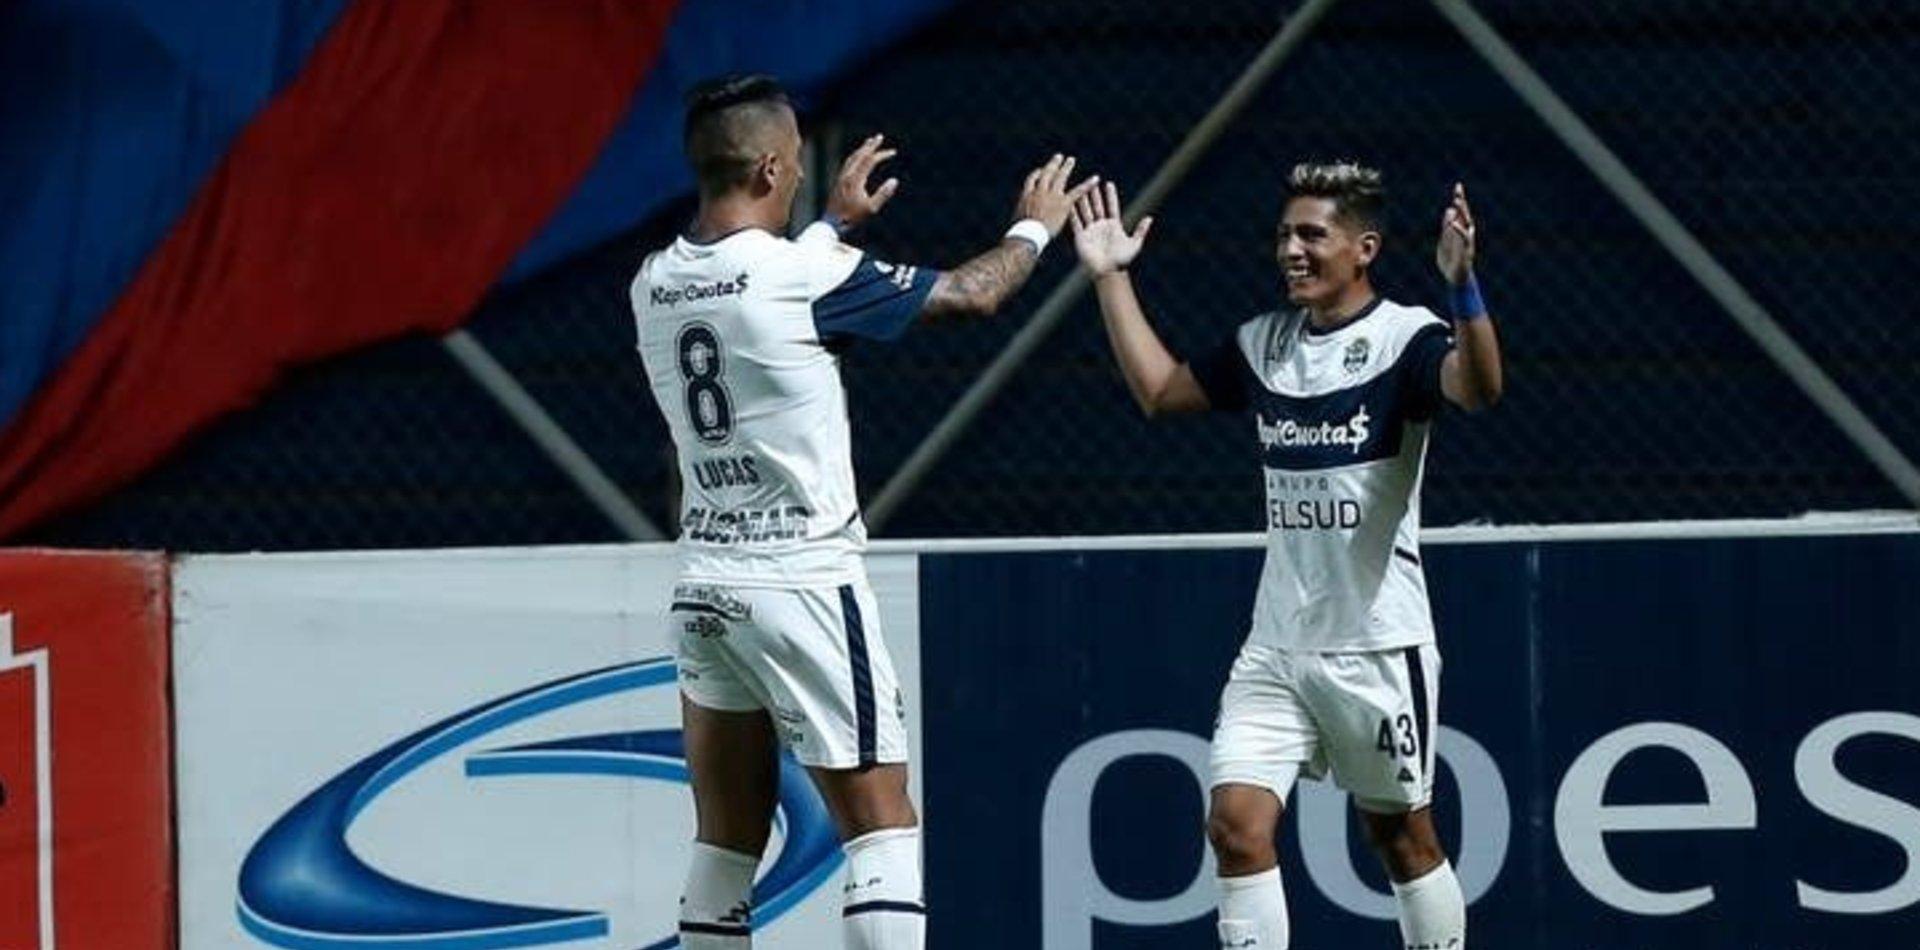 Gimnasia mantiene viva la ilusión, recibe a Atlético Tucumán y busca llegar a la final